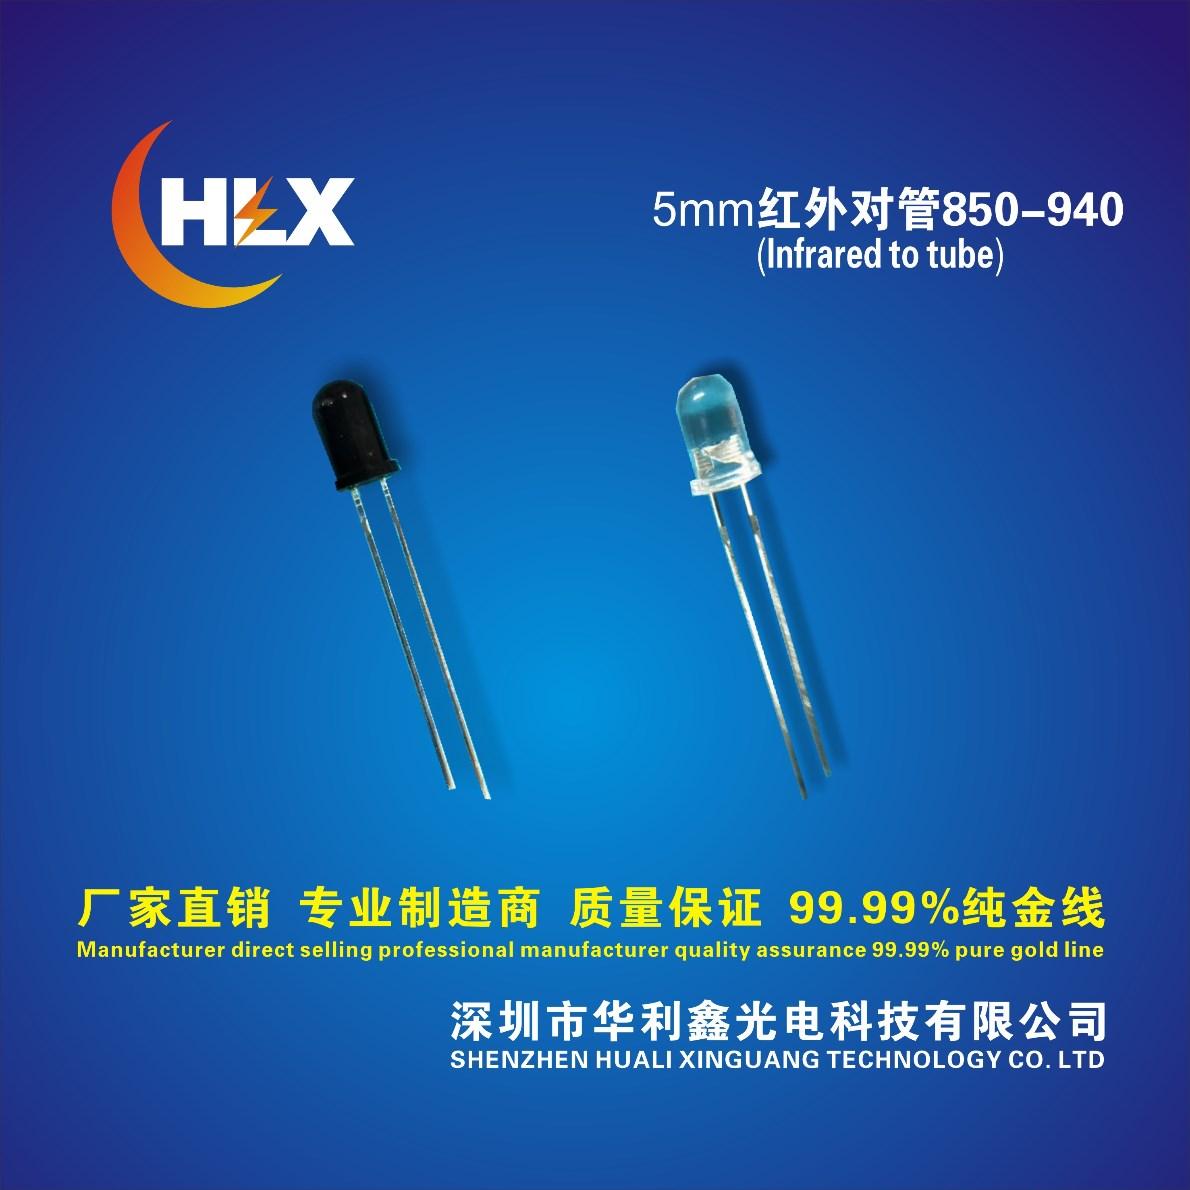 5MM F5 发射接收配对 对管 850 940 长短脚